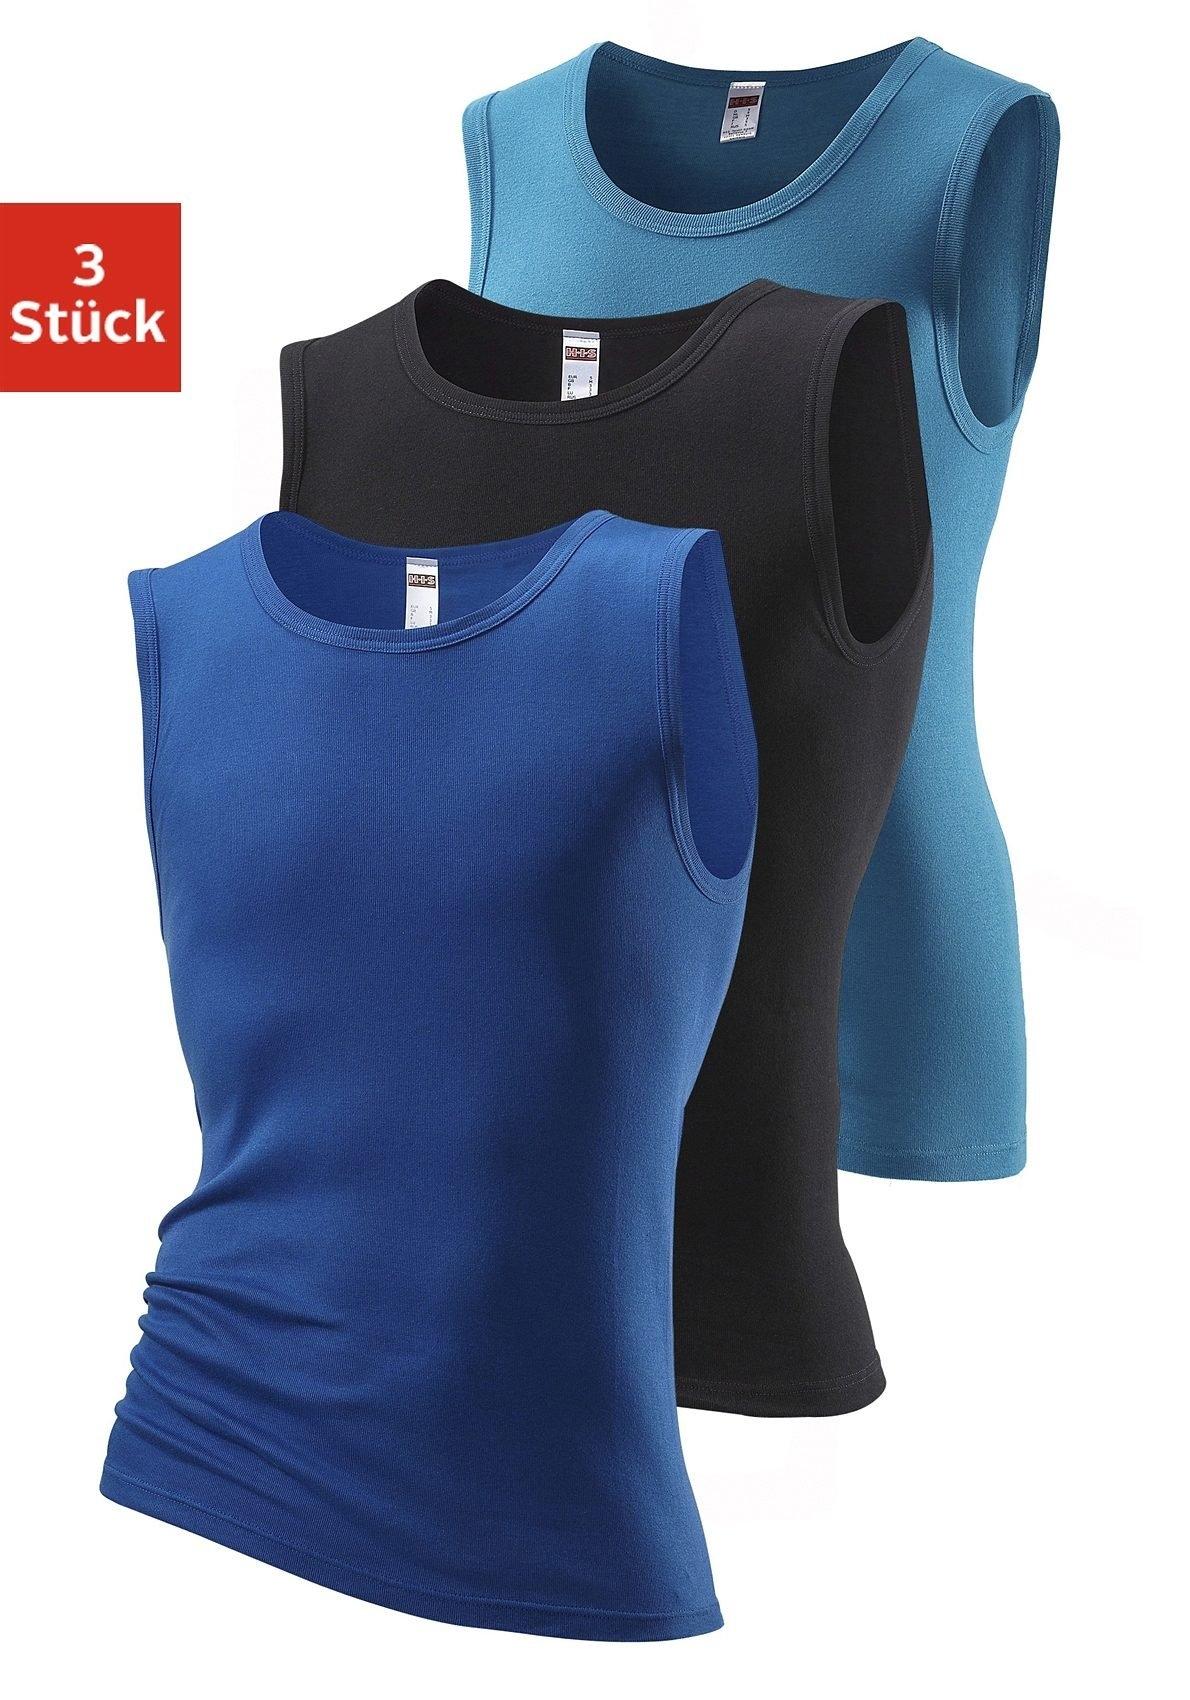 H.I.S muscle-shirt zonder zijnaden optimale pasvorm (Set van 3) veilig op lascana.nl kopen